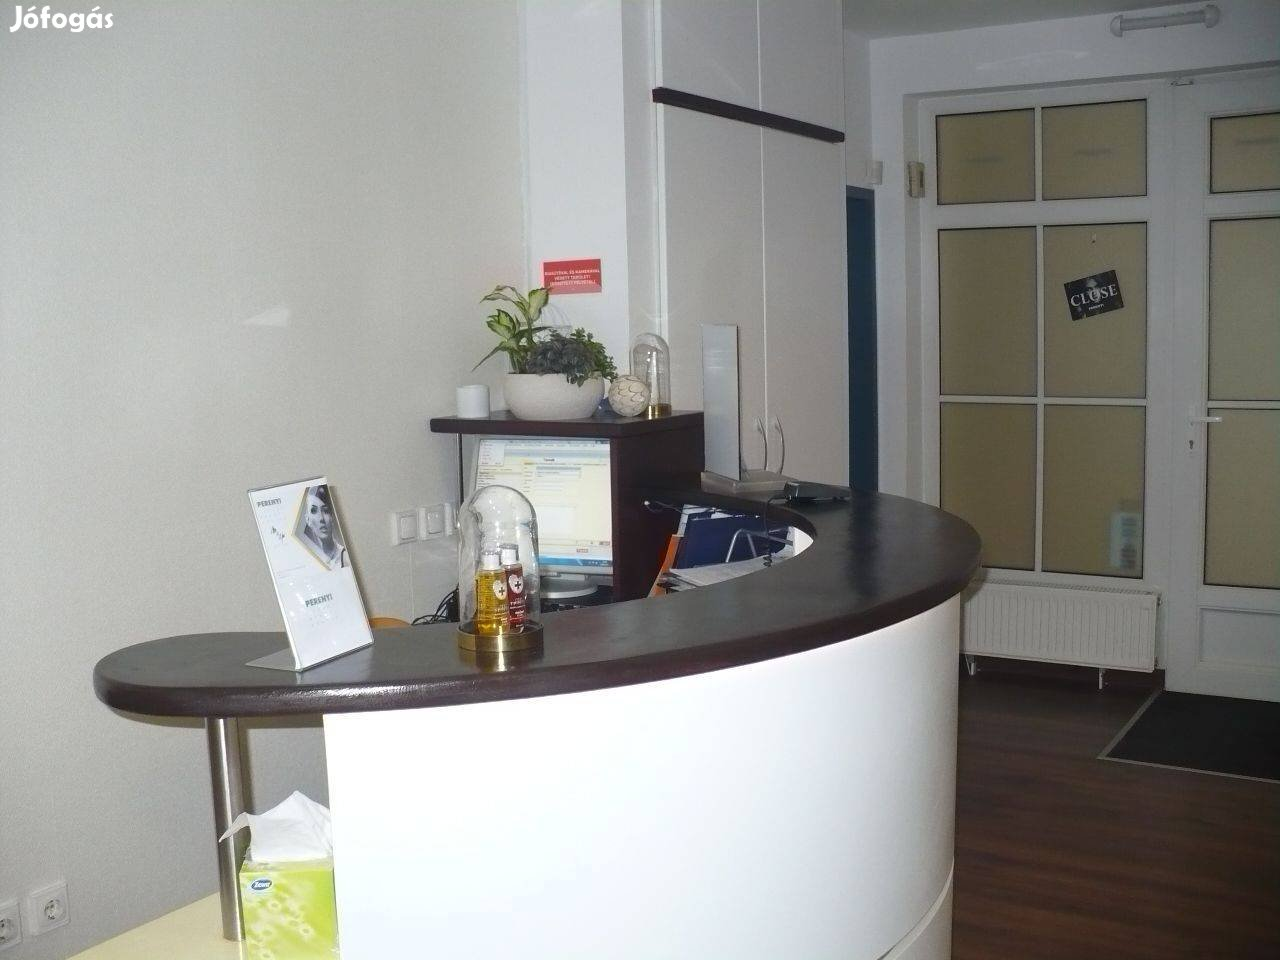 Kolosy térnél irodaházban földszinti 126m2-es szépségszalon központi h